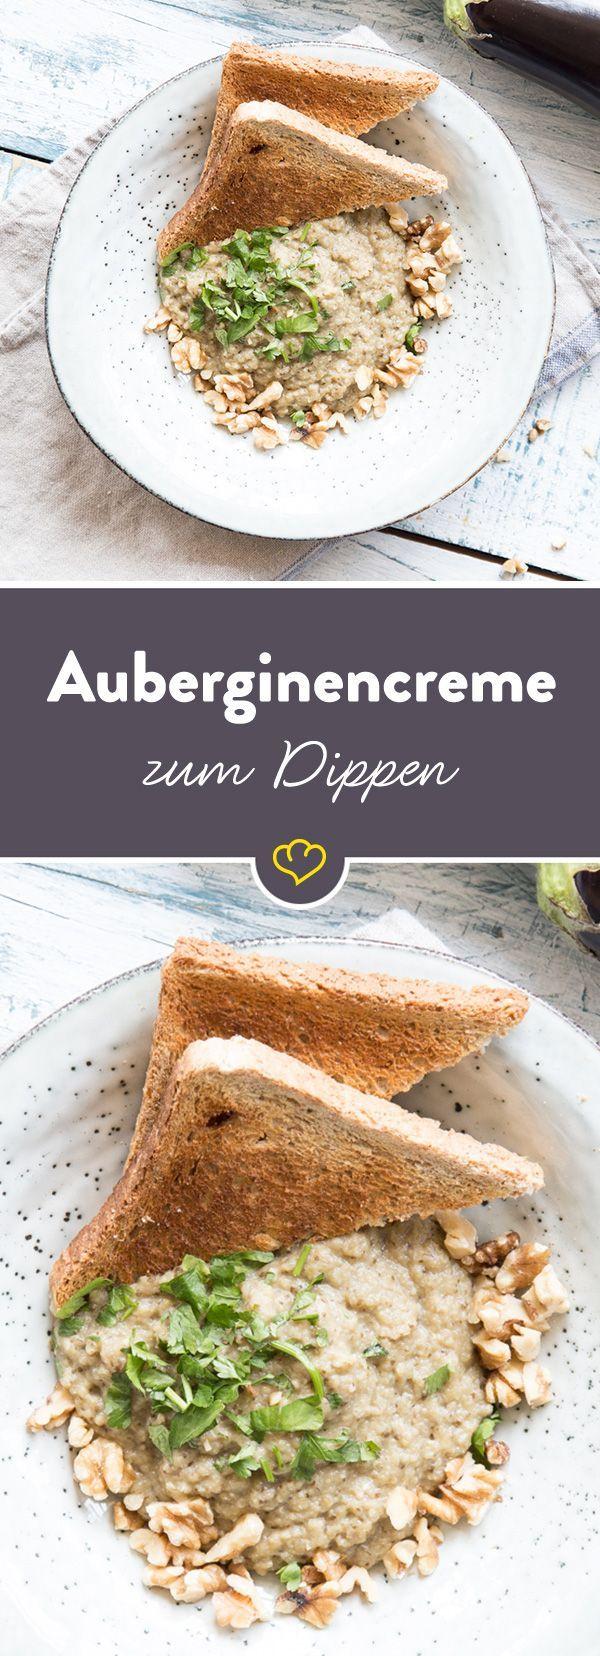 Würzige Auberginencreme sorgt mit Petersilie und Walnüssen für die nötige Abwechslung im Dipschälchen. Da lohnt sich das Eintunken mit Crackern und Brot.